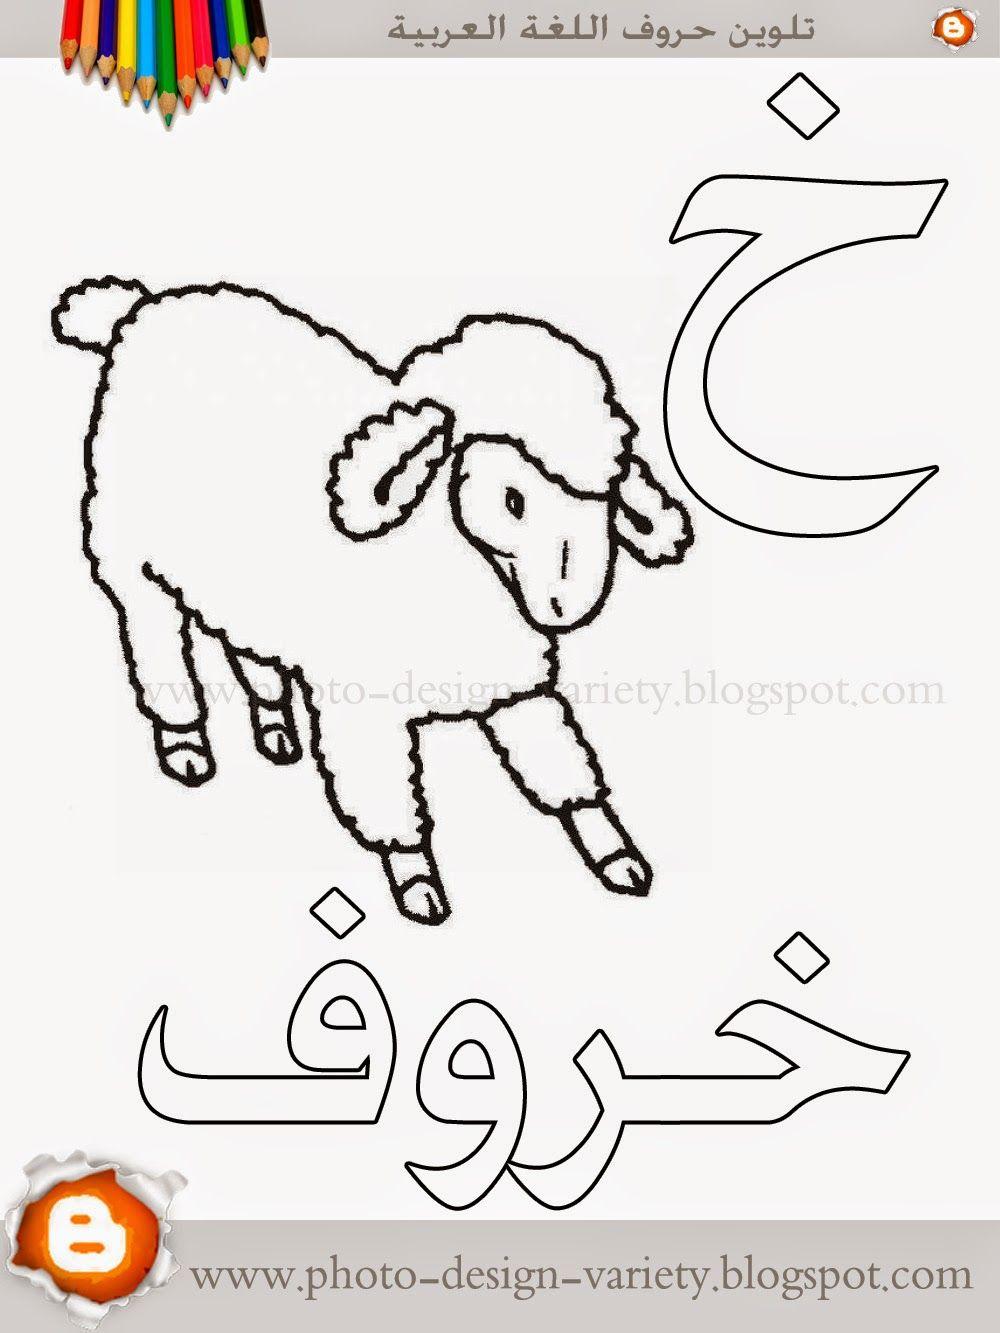 ألبومات صور منوعة البوم تلوين صور حروف هجاء اللغة العربية مع الأمثلة Arabic Alphabet Learn Arabic Alphabet Alphabet Coloring Pages